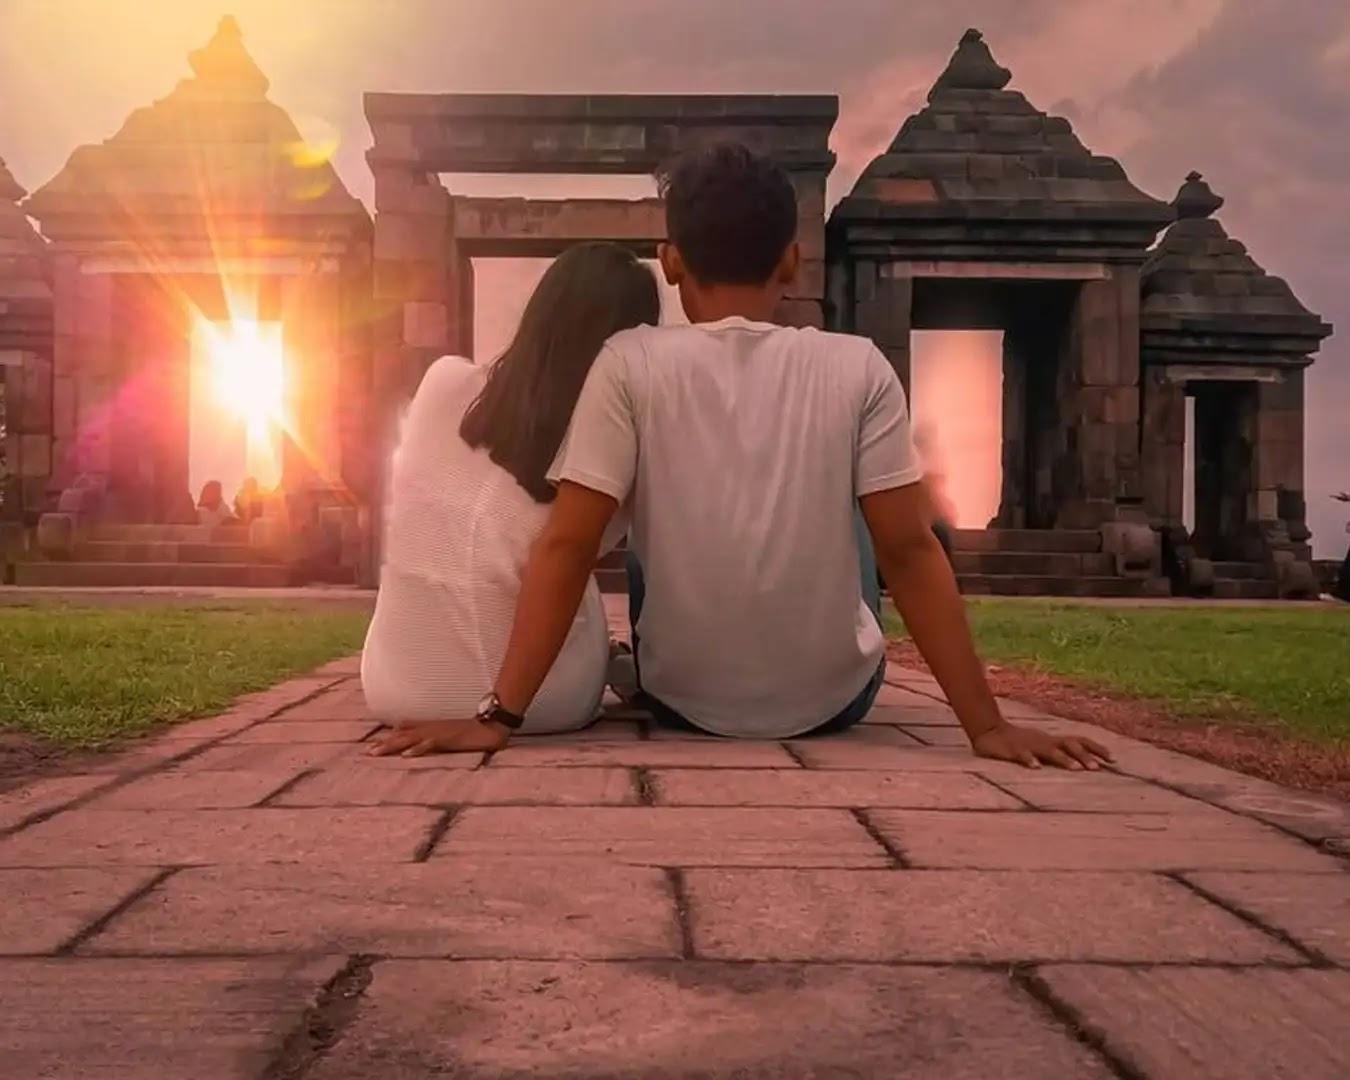 Menikmati senja memukau dan penuh magis di 2 situs bersejarah di Indonesia - foto instagram @nikmaimm